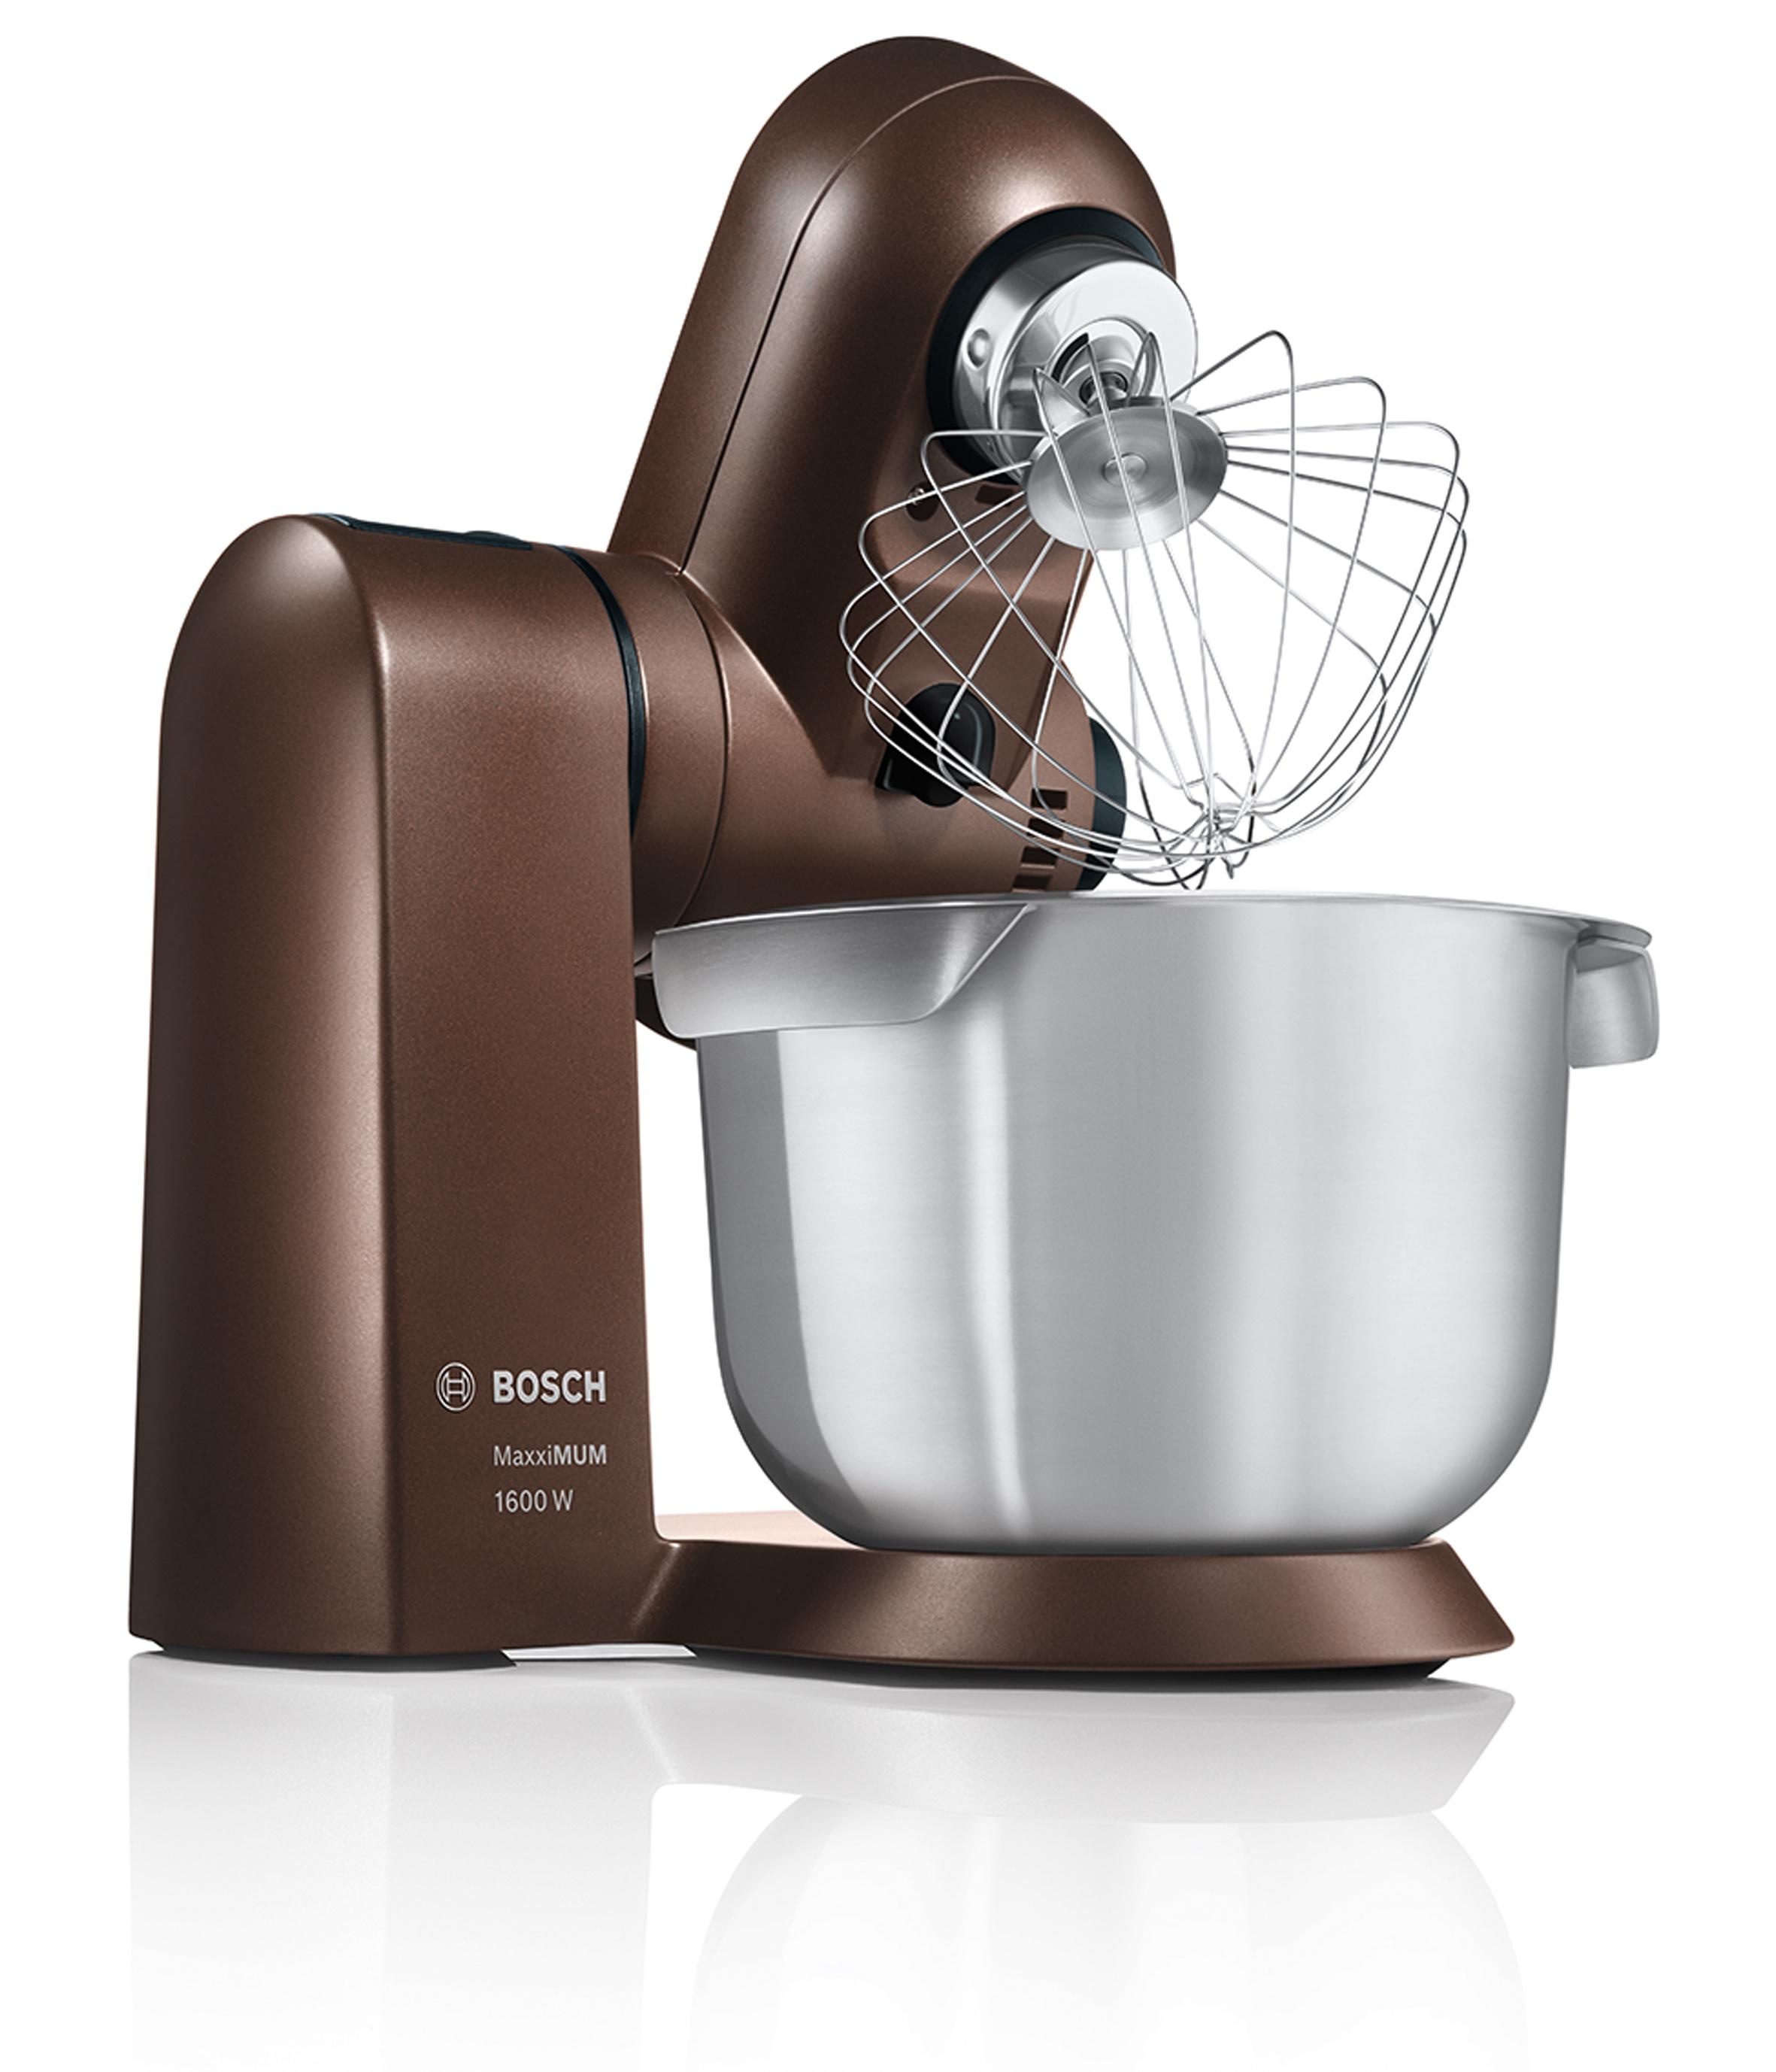 Bosch MaxxiMUM Küchenmaschine: SensorControl für perfekten ...